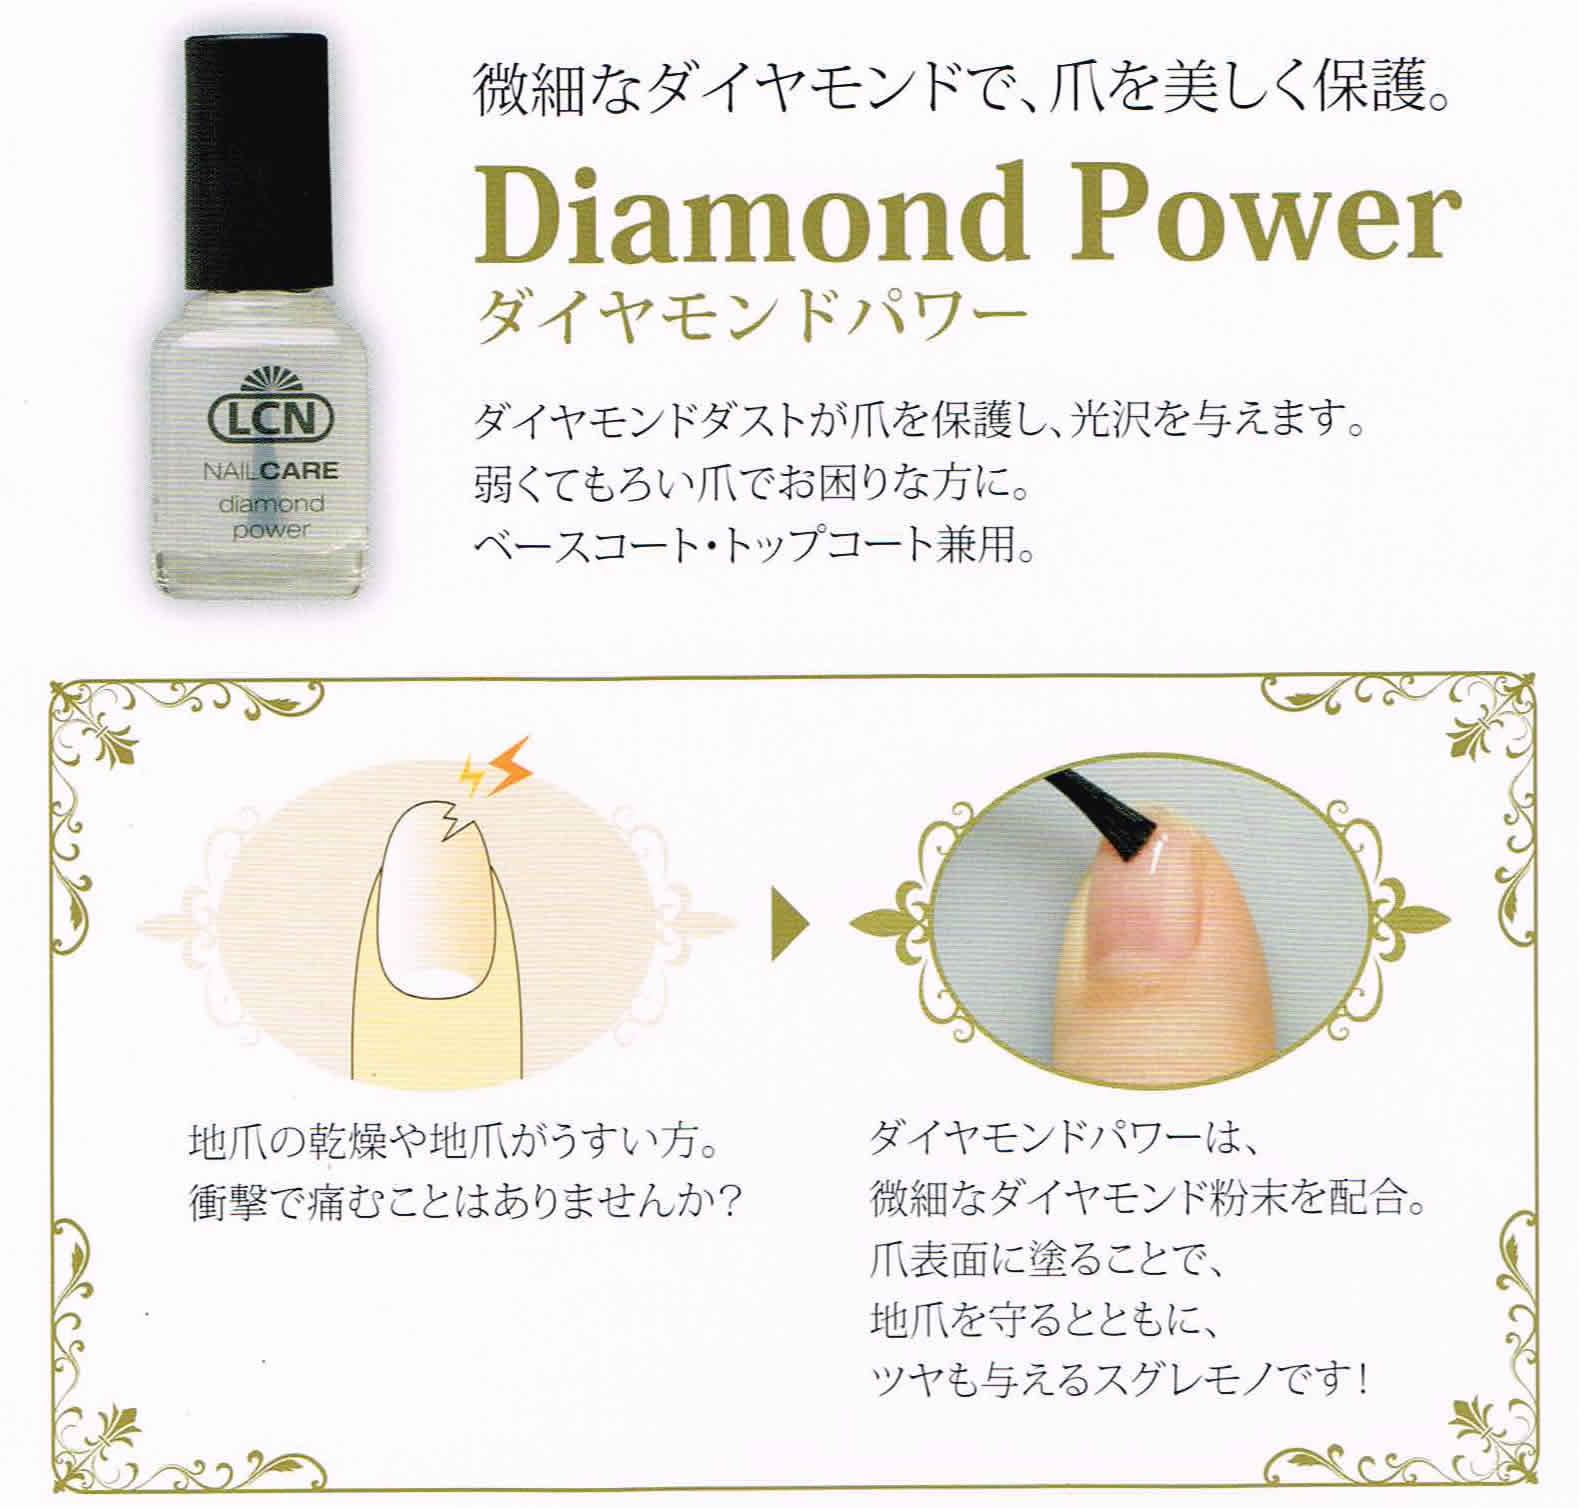 LCNダイヤモンドパワー